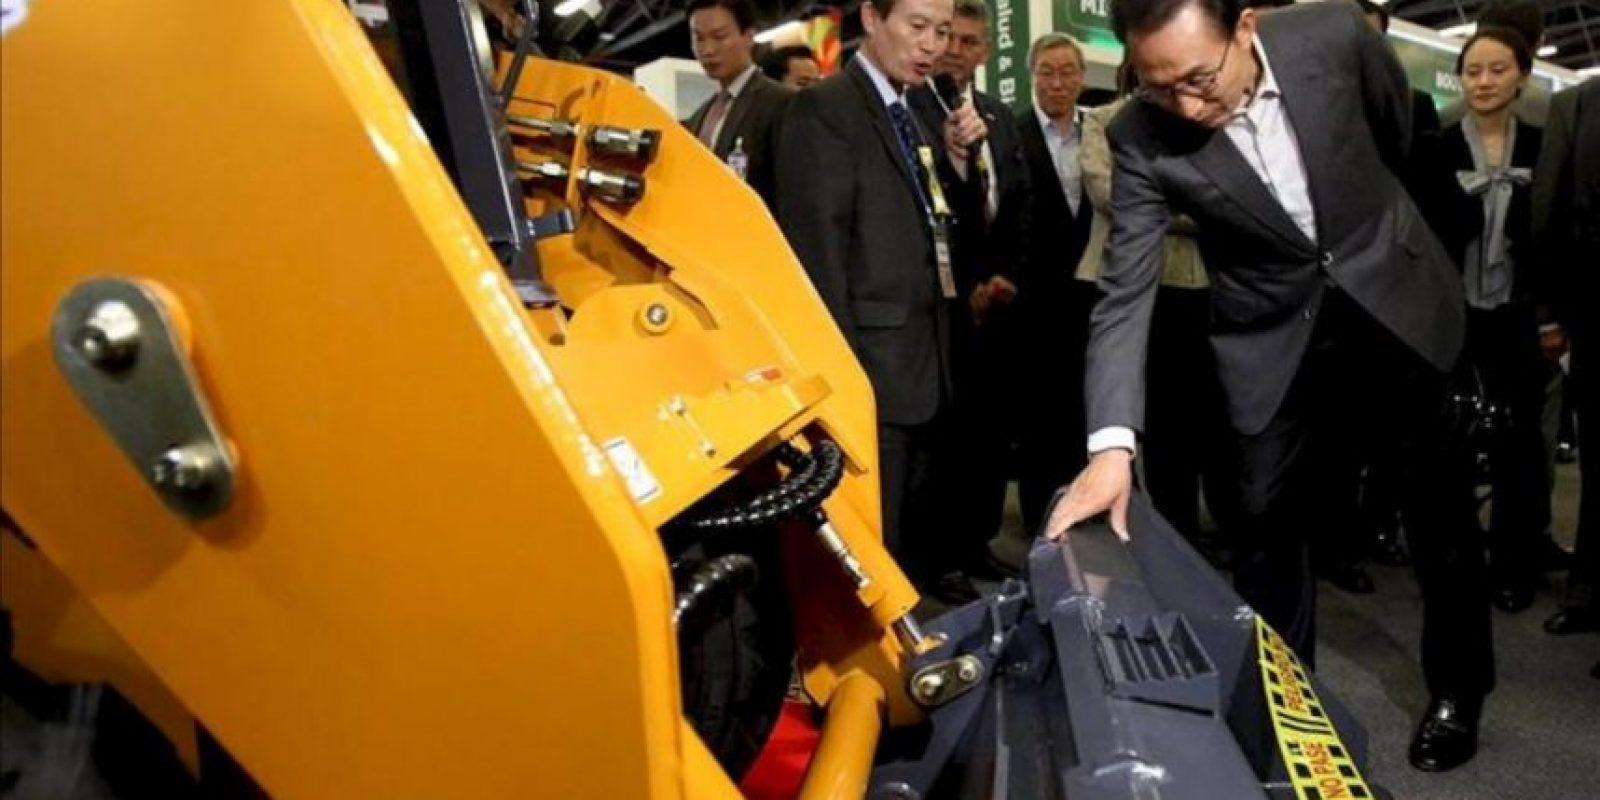 El presidente de Corea del Sur, Lee Muyng-Bak (c), visita el evento Expo Corea hoy en Bogotá (Colombia). EFE